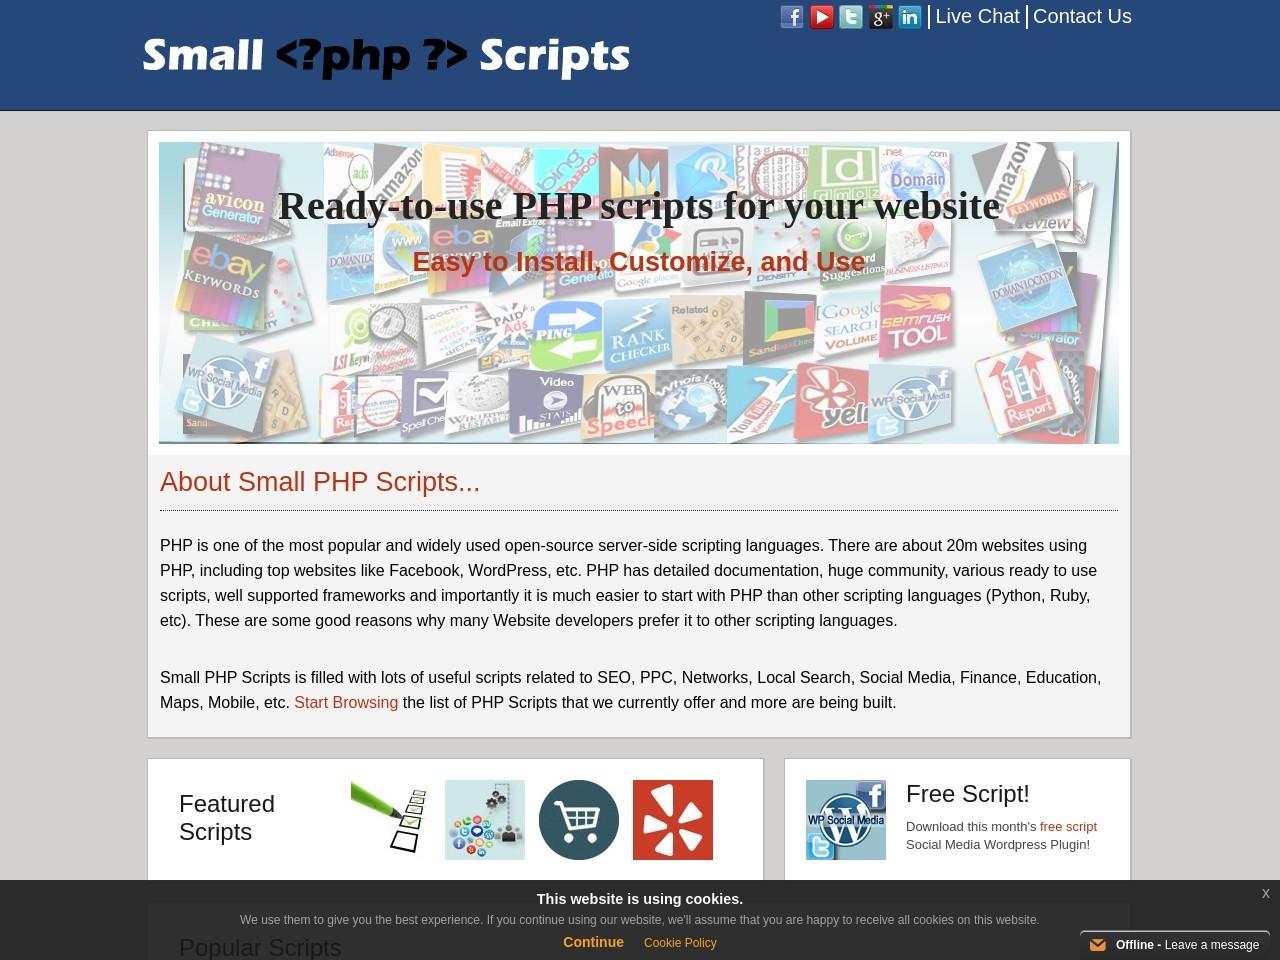 SmallPHPscripts.com